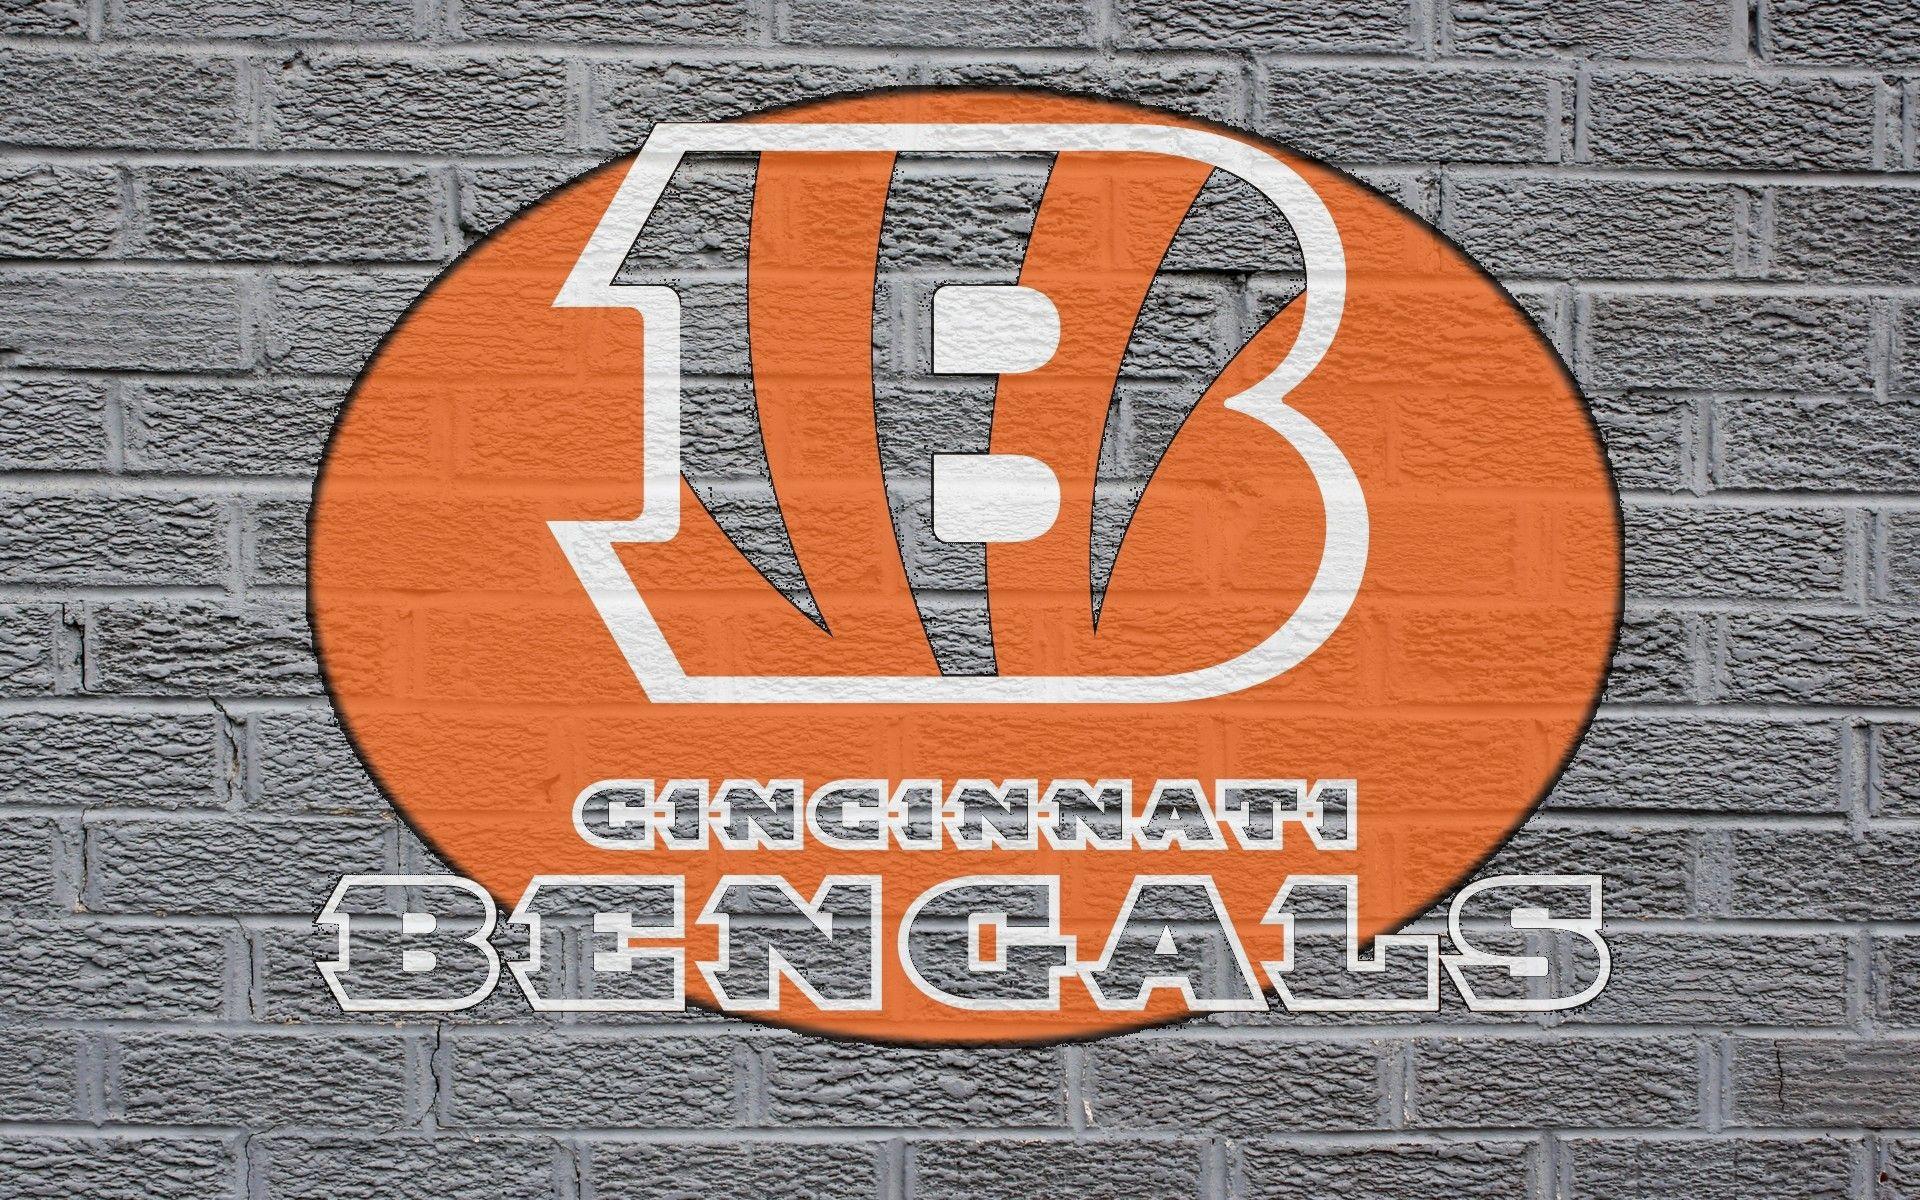 cincinnati bengals hd wallpapers backgrounds wallpaper | hd